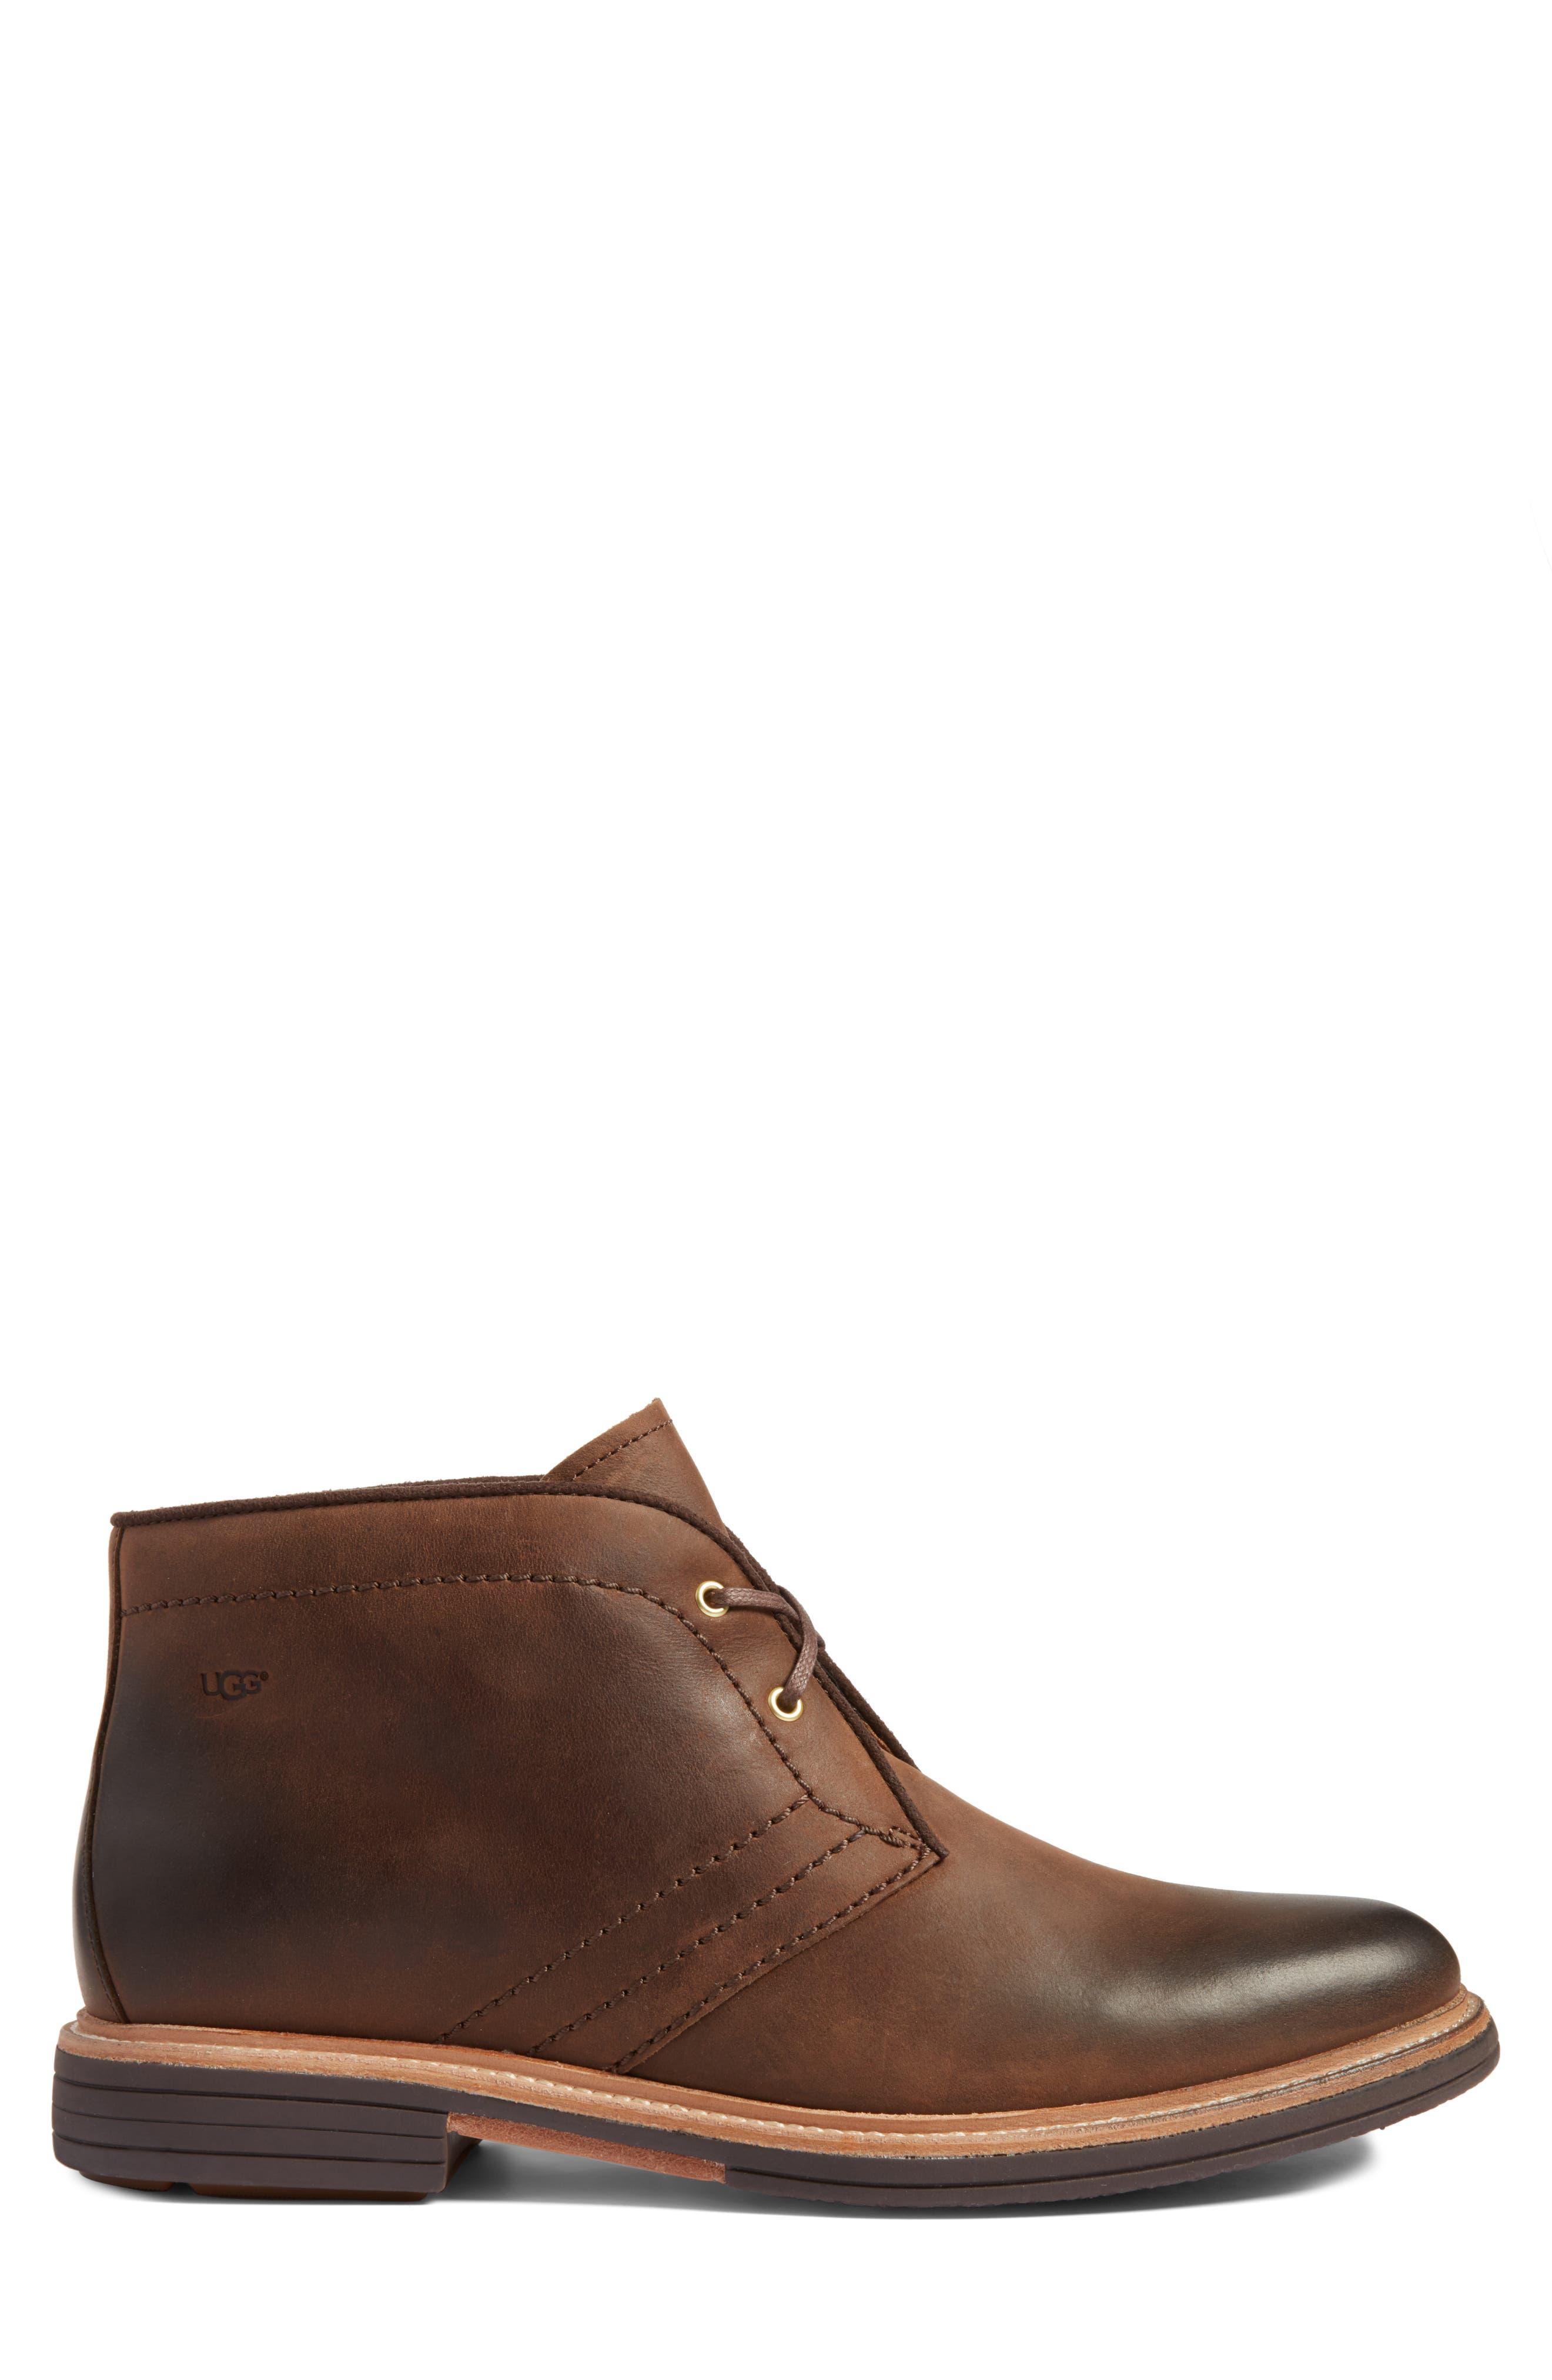 Alternate Image 3  - UGG® Australia Dagmann Chukka Boot (Men)